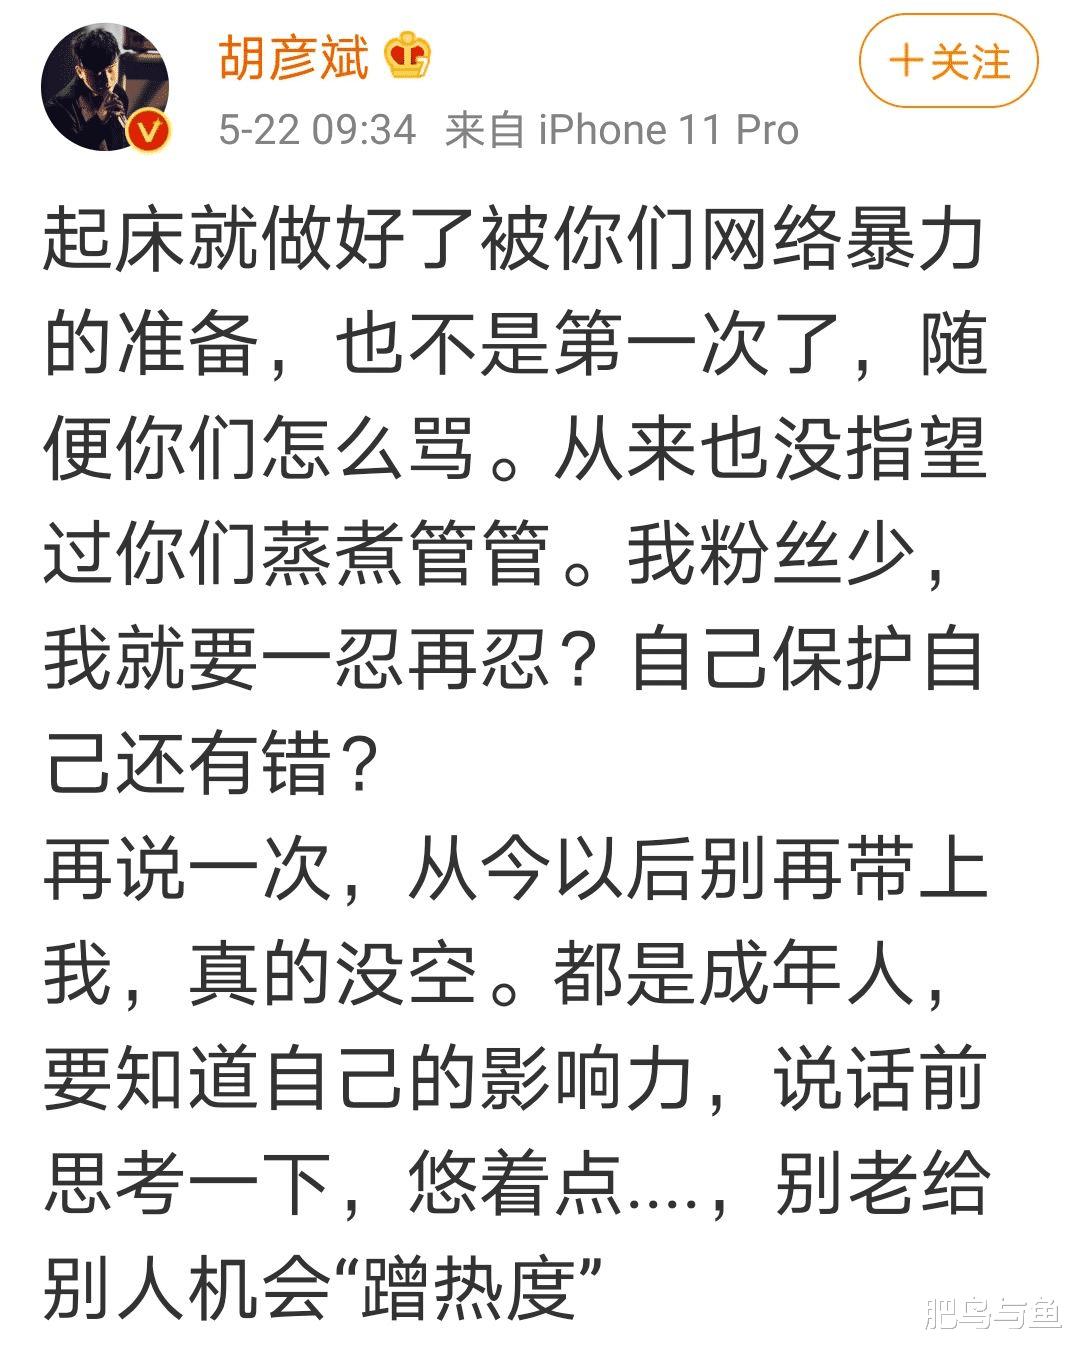 胡彦斌自称被网络暴力!刚过521就深夜连续发文怼郑爽的是谁?